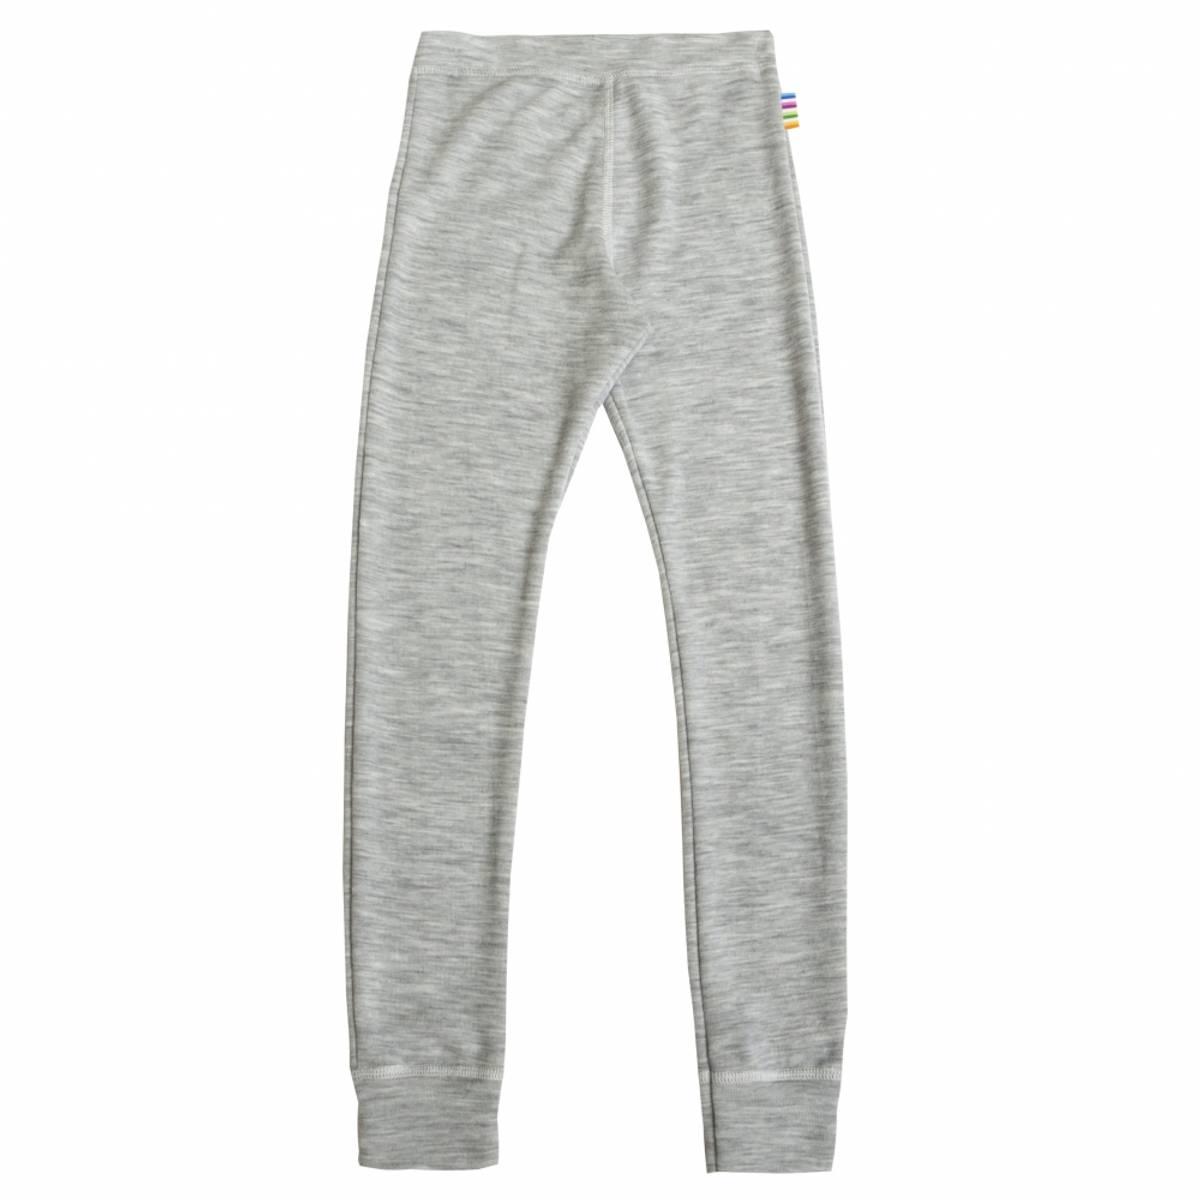 Joha sommerull leggings - grå